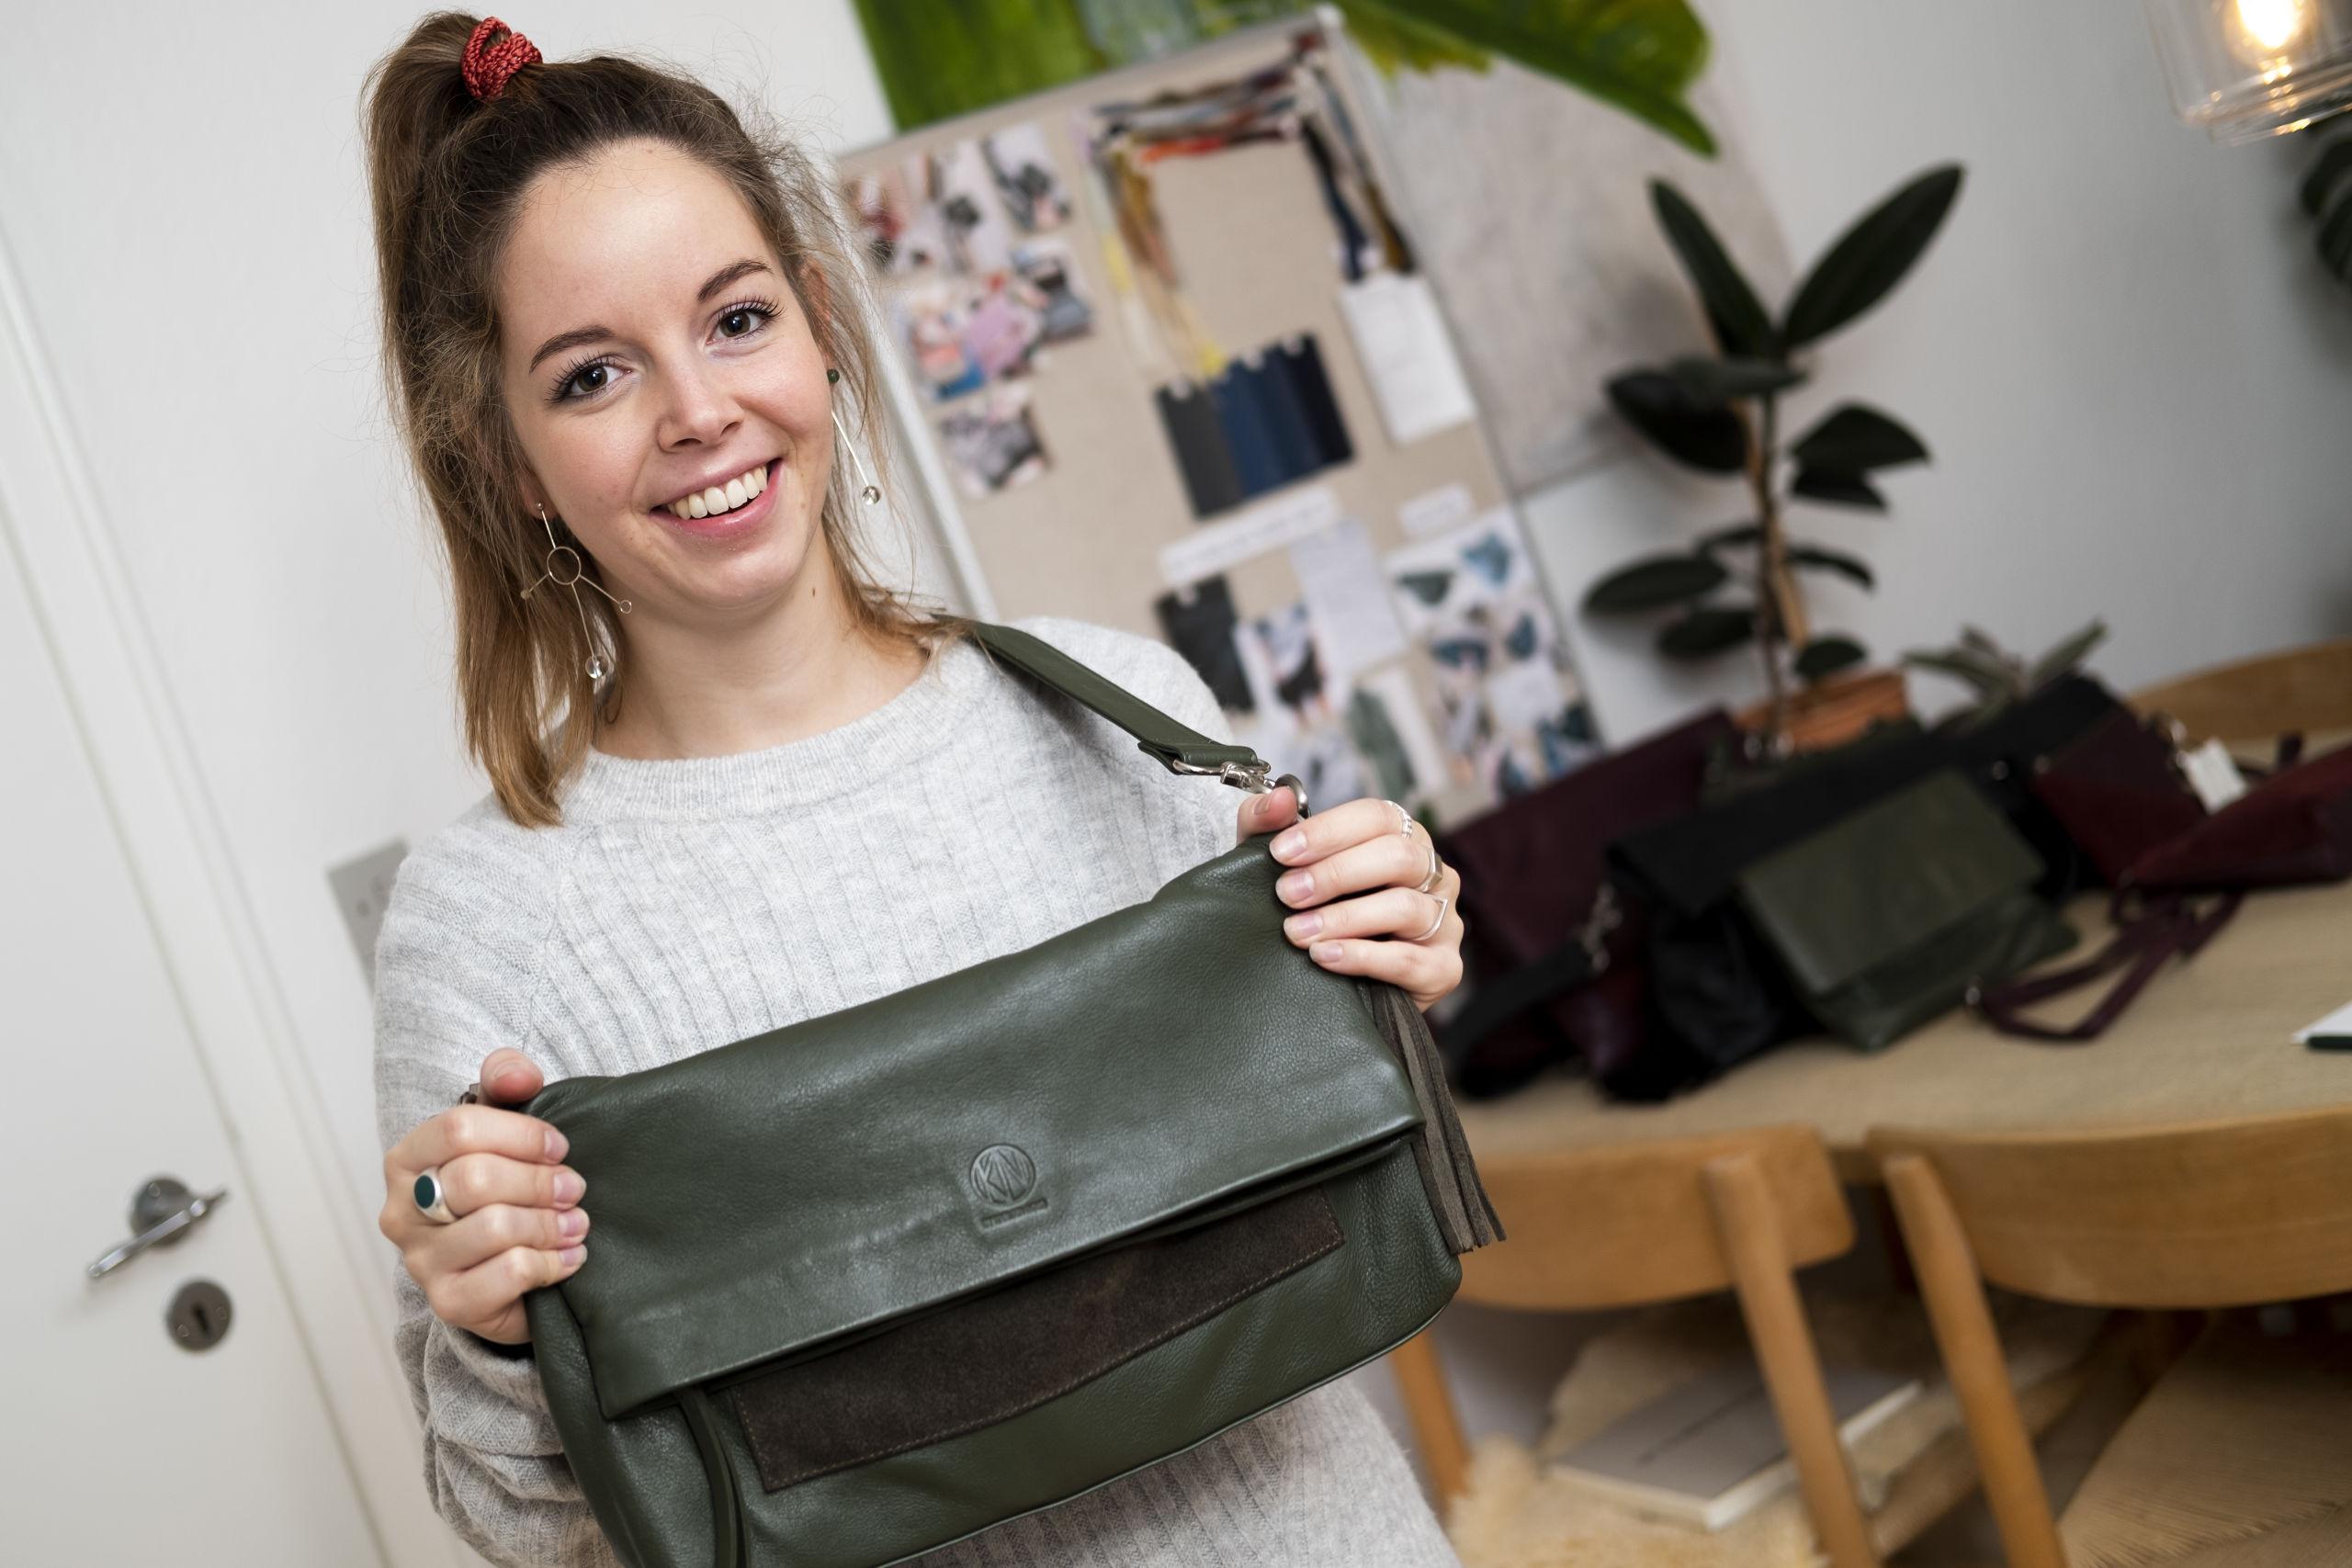 Et eksempel på en af Laura Karlsens tasker, som hun selv har designet. Foto: Lasse Sand